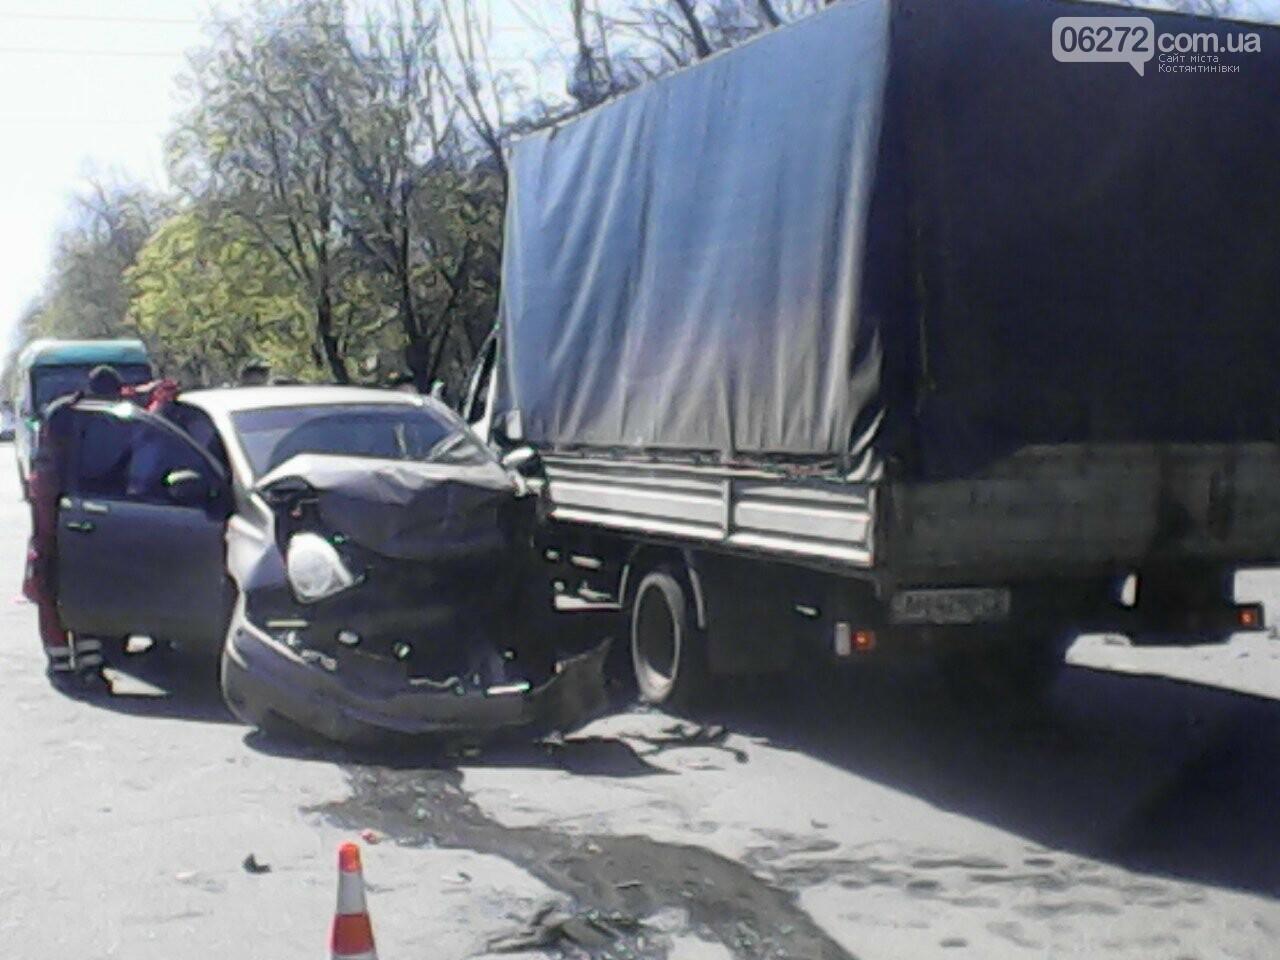 В Константиновке в результате ДТП пострадали трое человек, фото-1